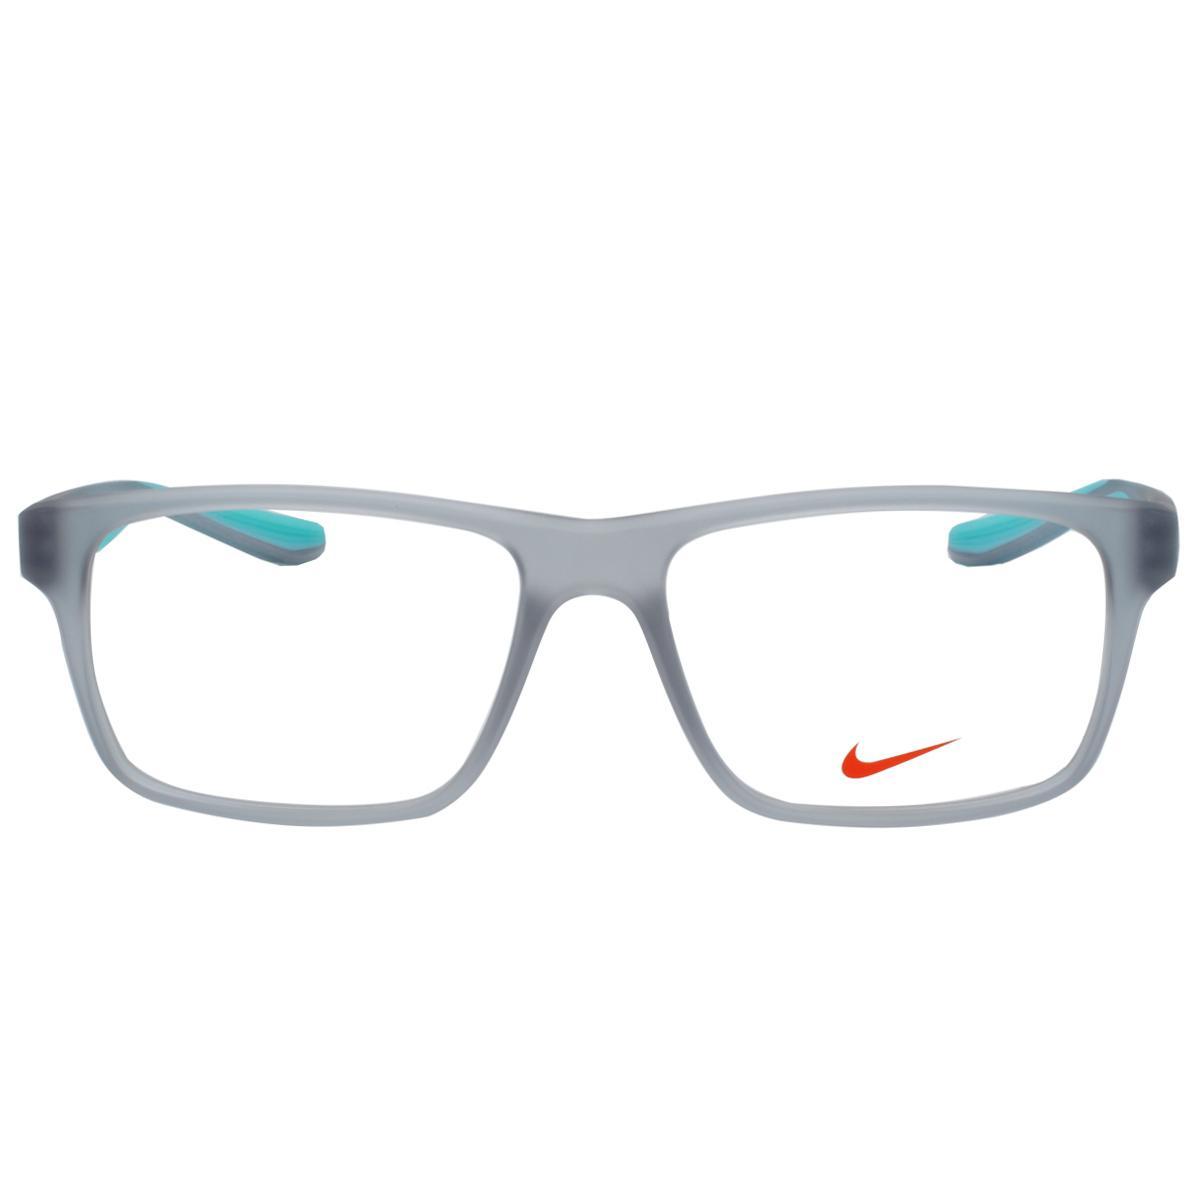 c193237a1e629 Óculos de Grau Nike Masculino NIKE7101 050 - Acetato Cinza Translúcido e  Verde Água R  611,00 à vista. Adicionar à sacola